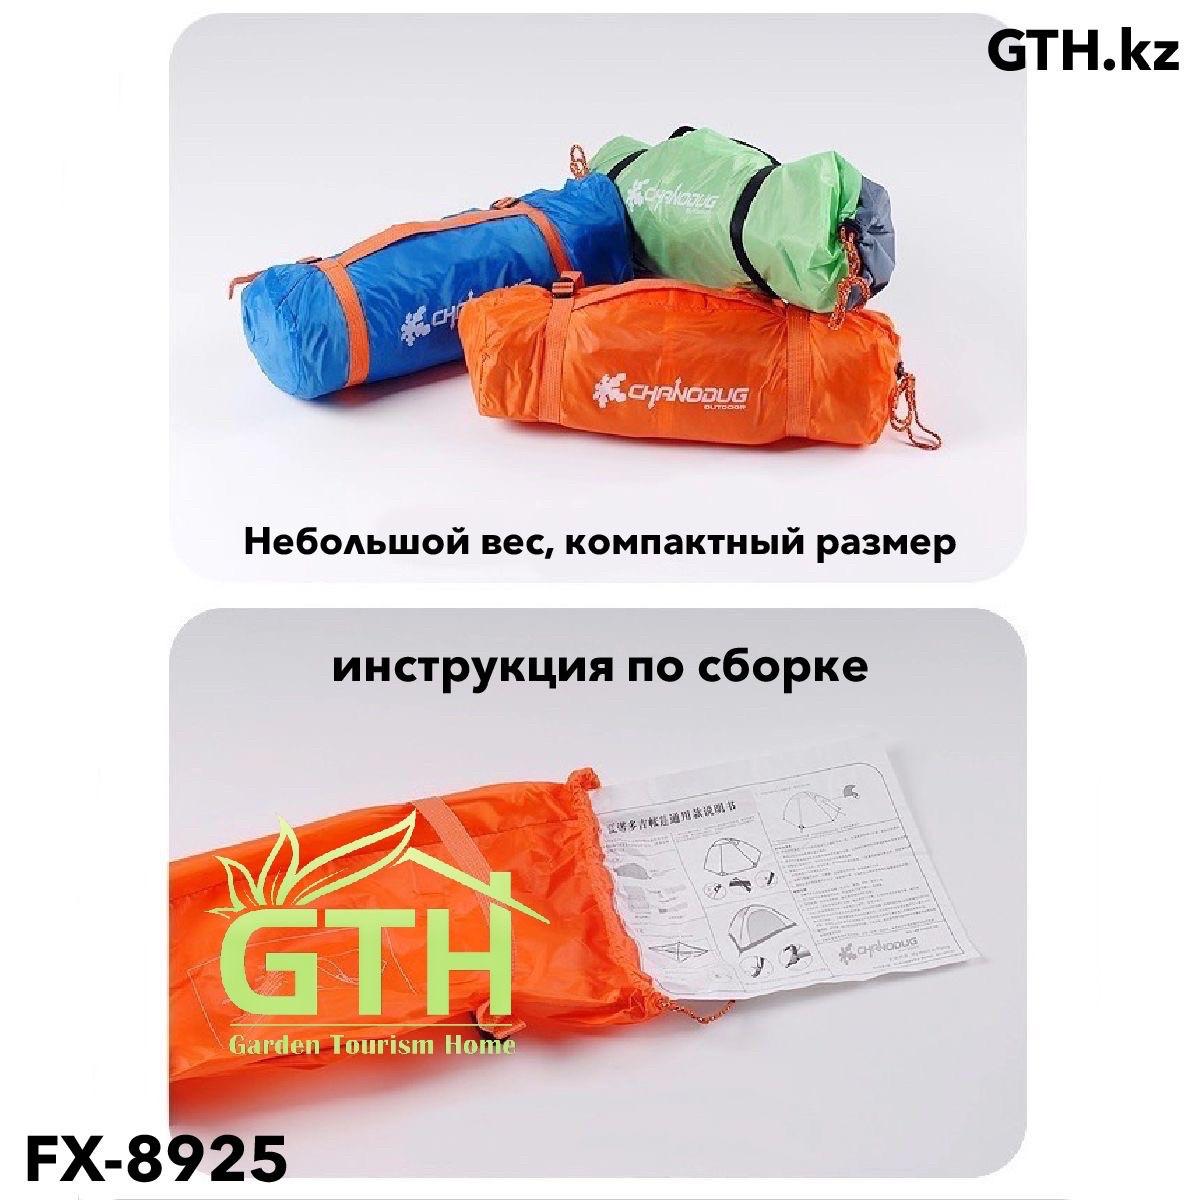 Горные палатки Chanodug FX-8935. Двухместные, двухслойные. Доставка. - фото 4